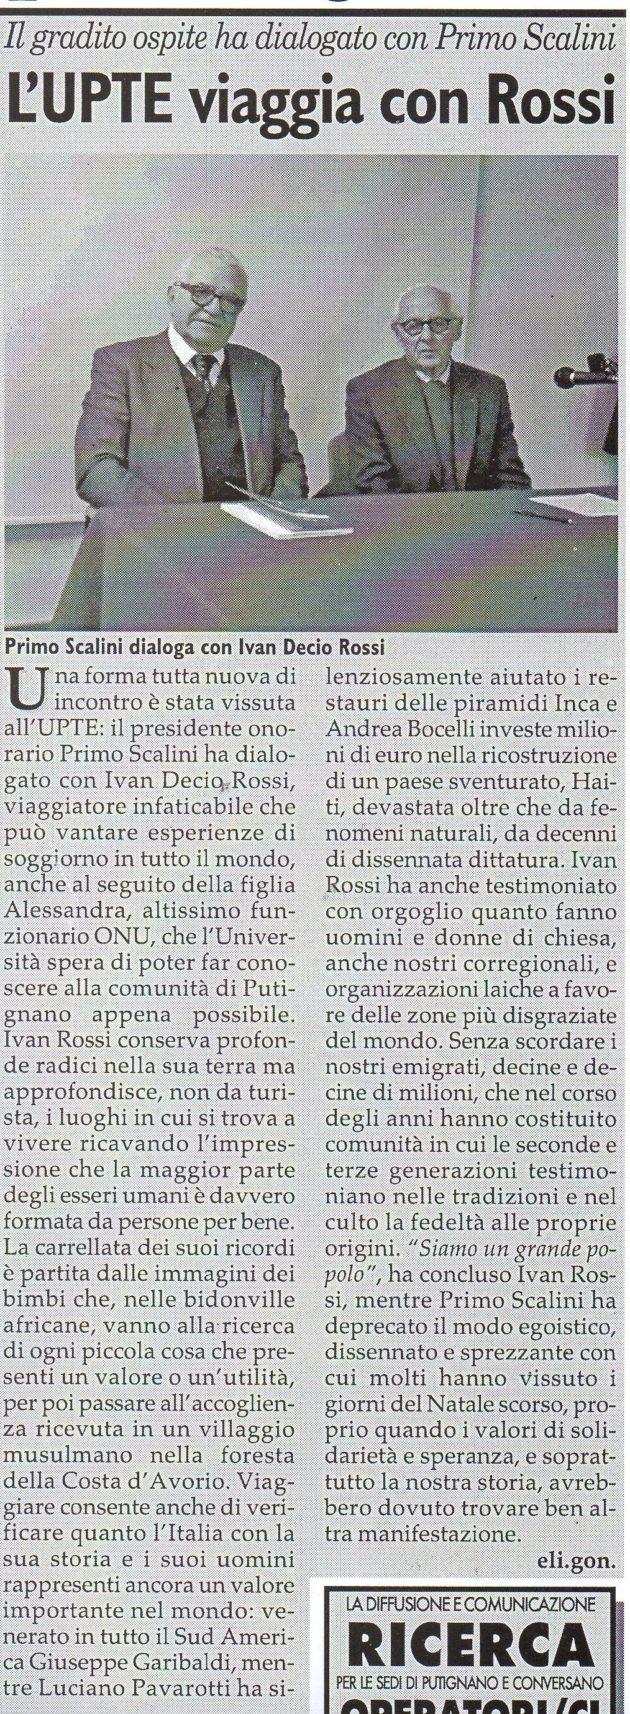 Rossi-Scalini su Fax del 19 gennaio 2019